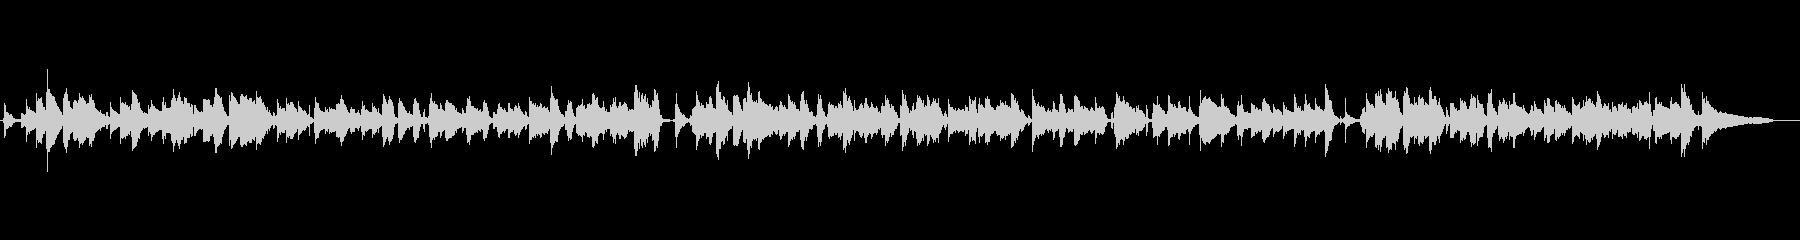 ギターPOP_BGMの未再生の波形